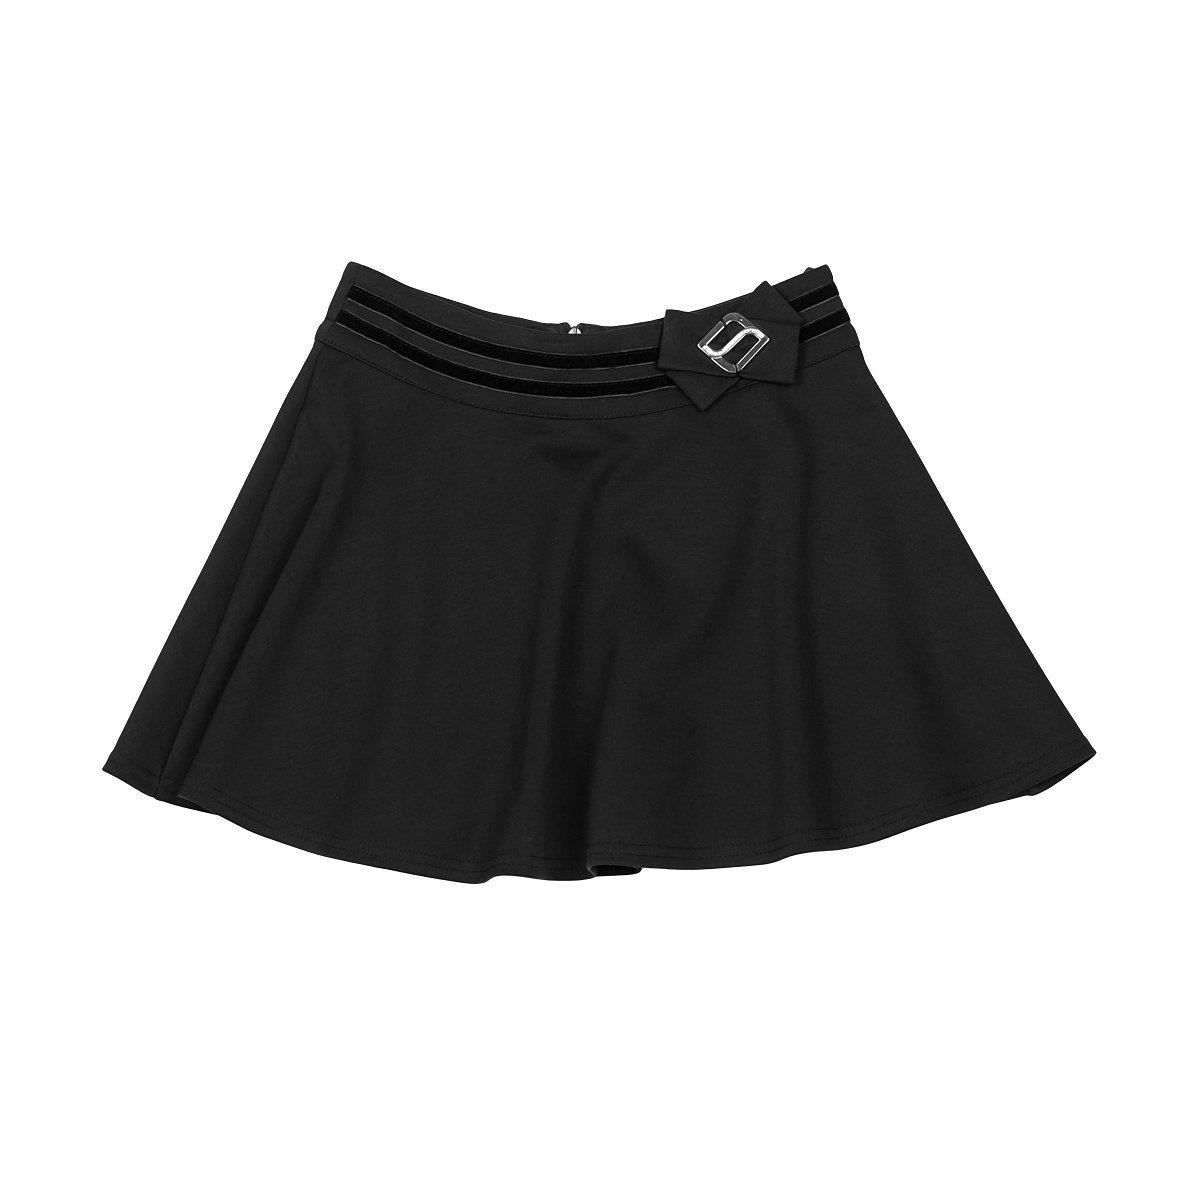 Купить Платья, сарафаны, юбки, Демисезонная трикотажная юбка черного цвета, р. 128 1651-02 ТМ: Mevis, черный